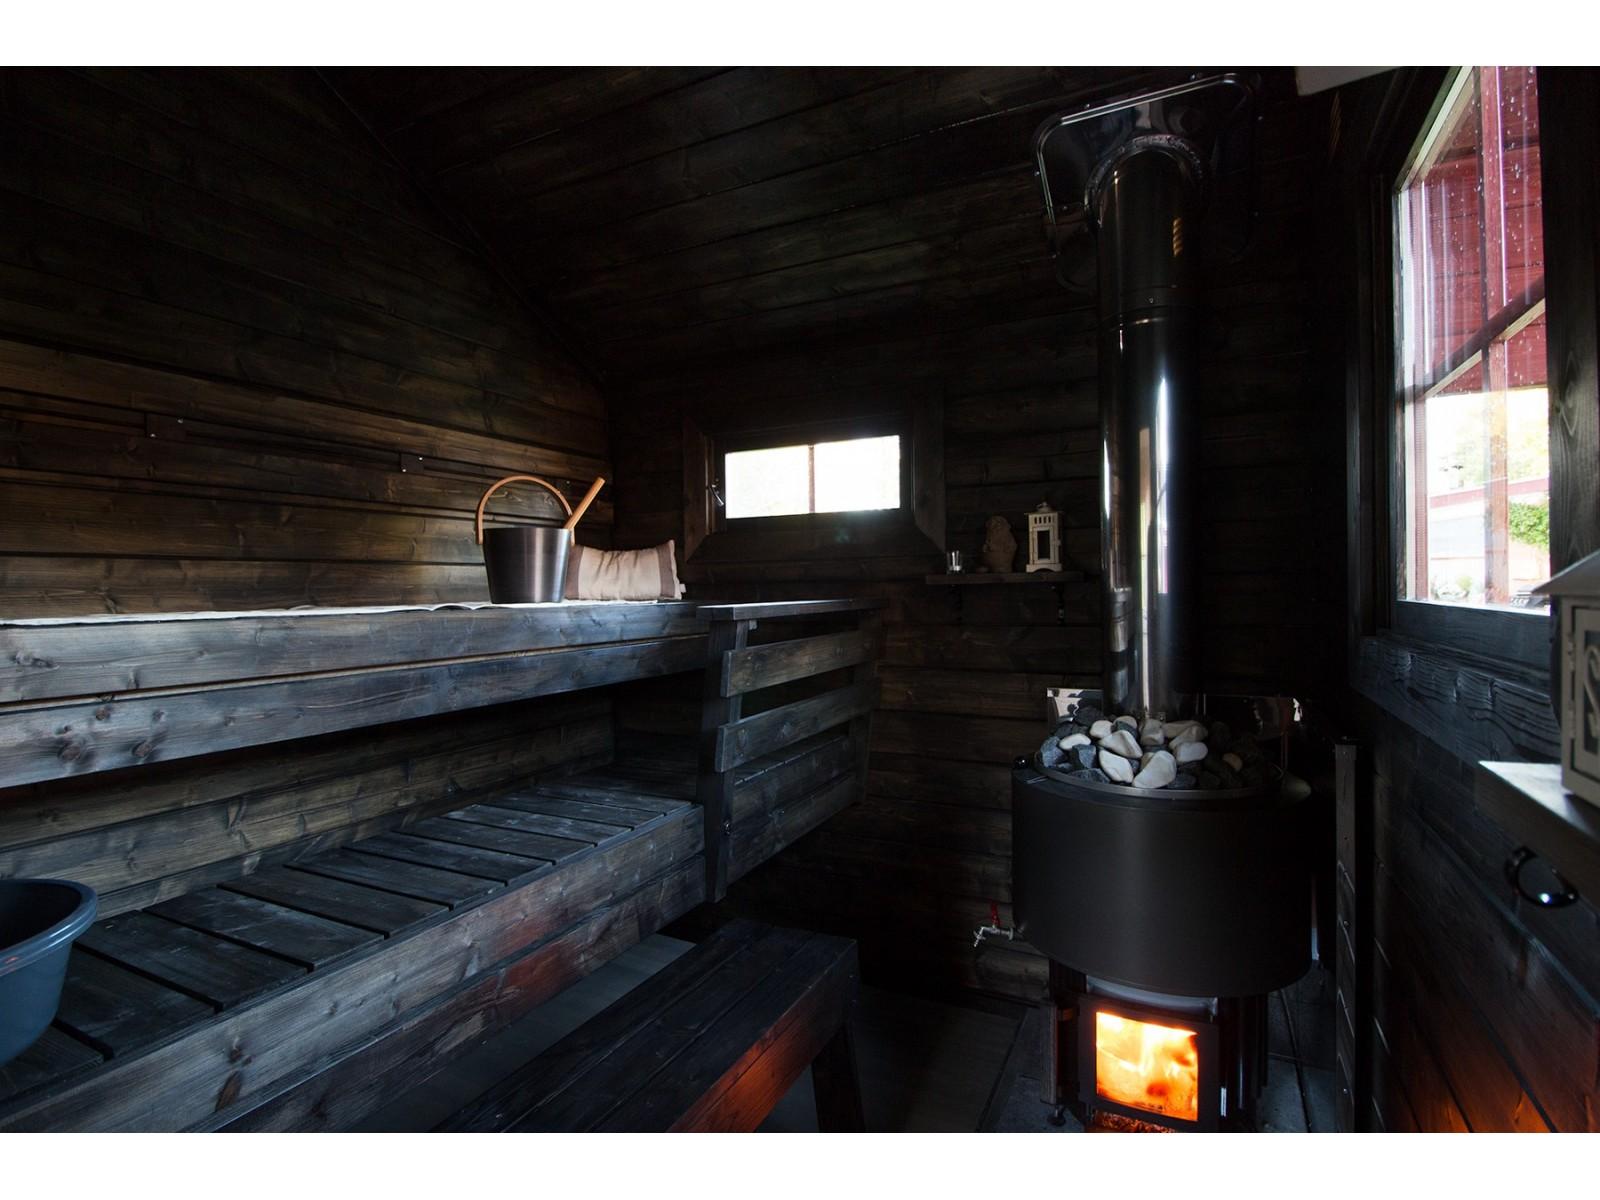 Perinnesauna Soma Sivuikkunalla - Lauteet ja kiuas laajakuvana